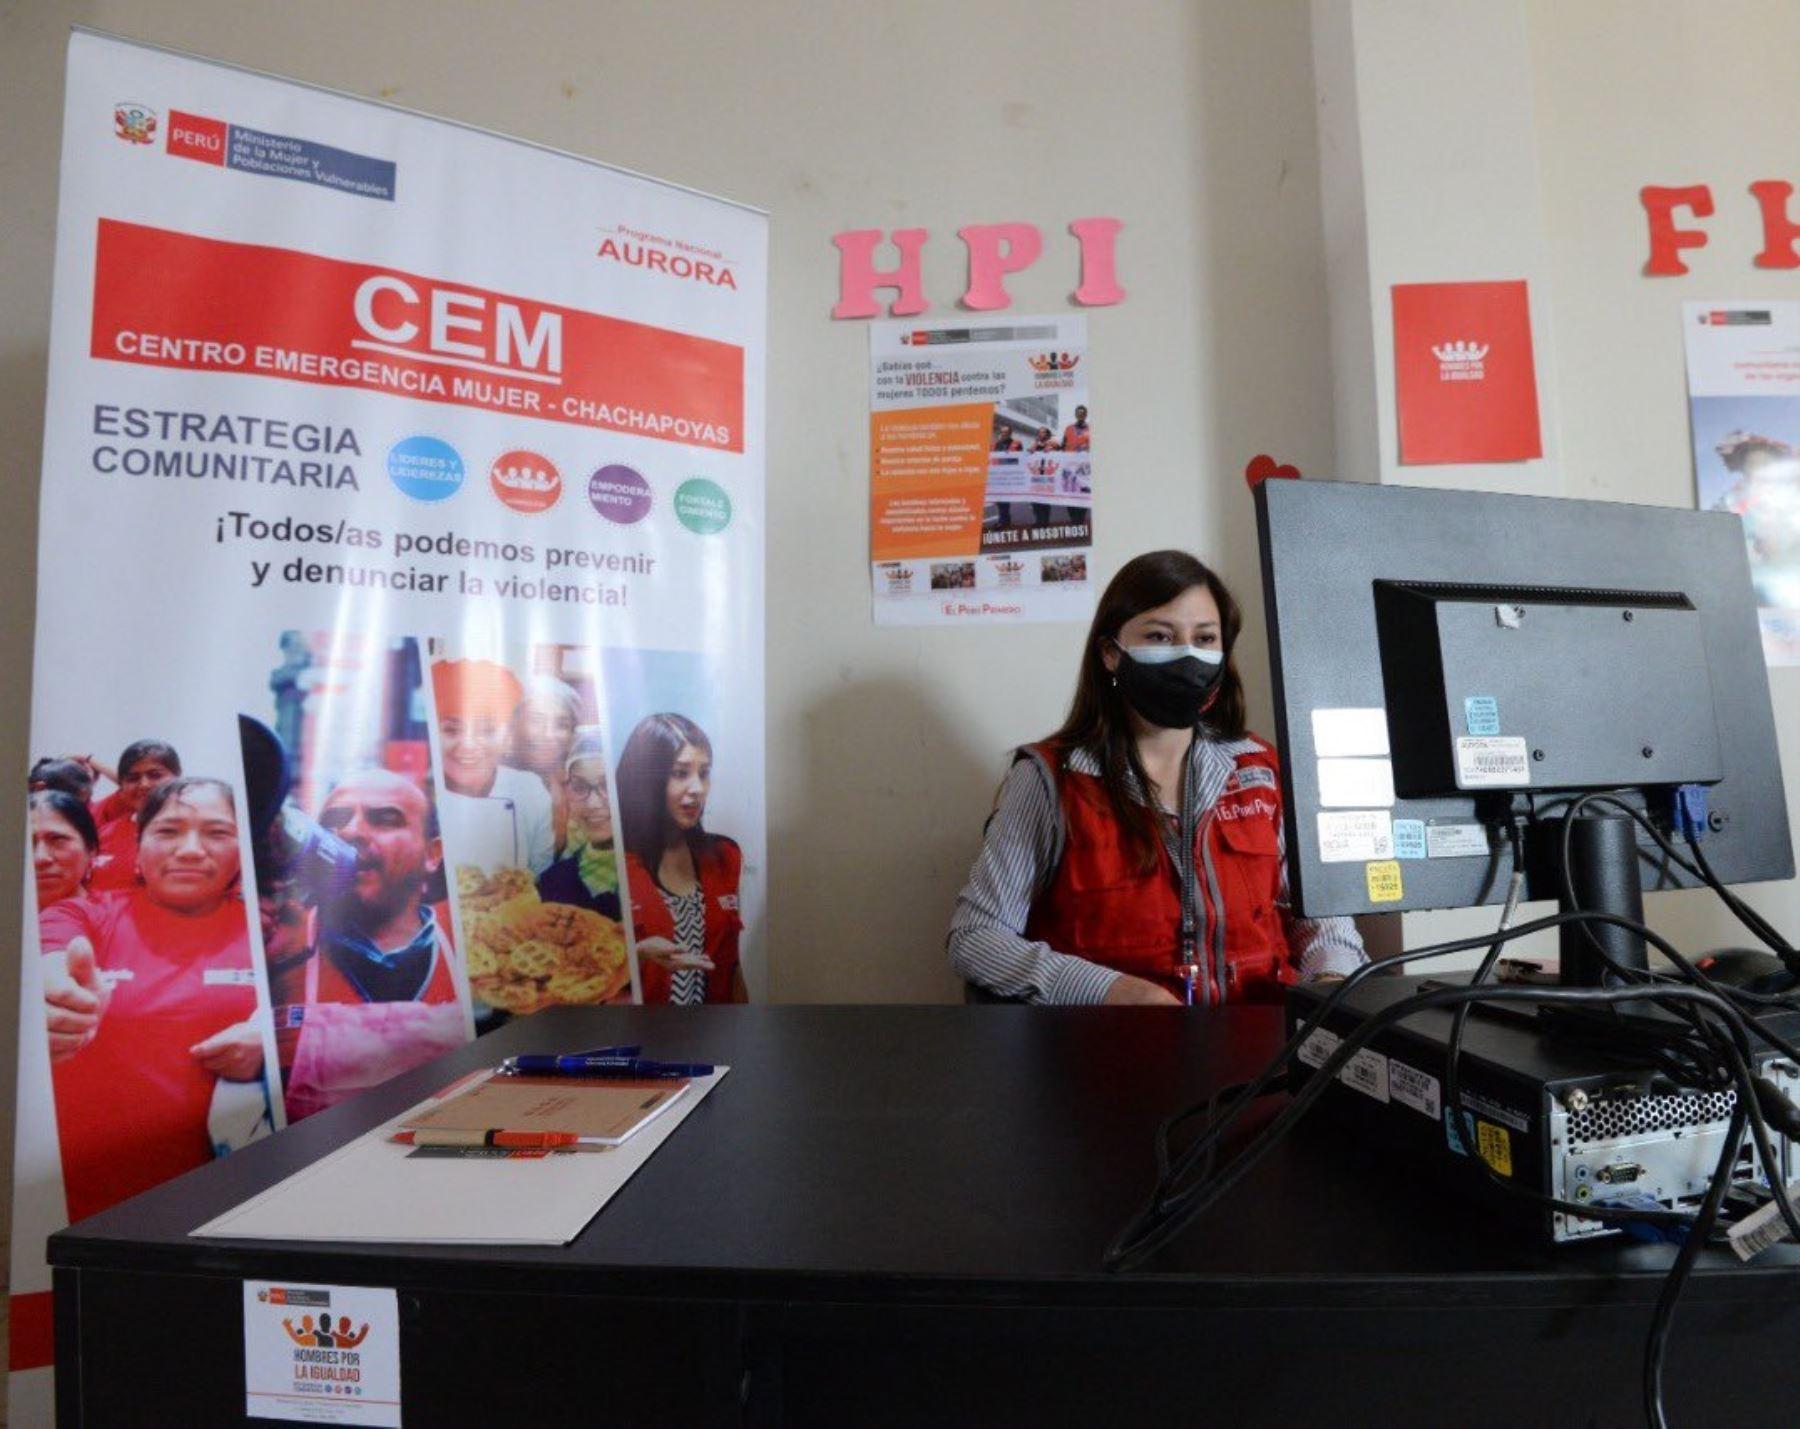 Los ocho centros Emergencia Mujer ubicados en la región Amazonas han reportado más de 480 casos de violencia en lo que va del año, reveló el Ministerio de la Mujer y Poblaciones Vulnerables. Foto: ANDINA/difusión.